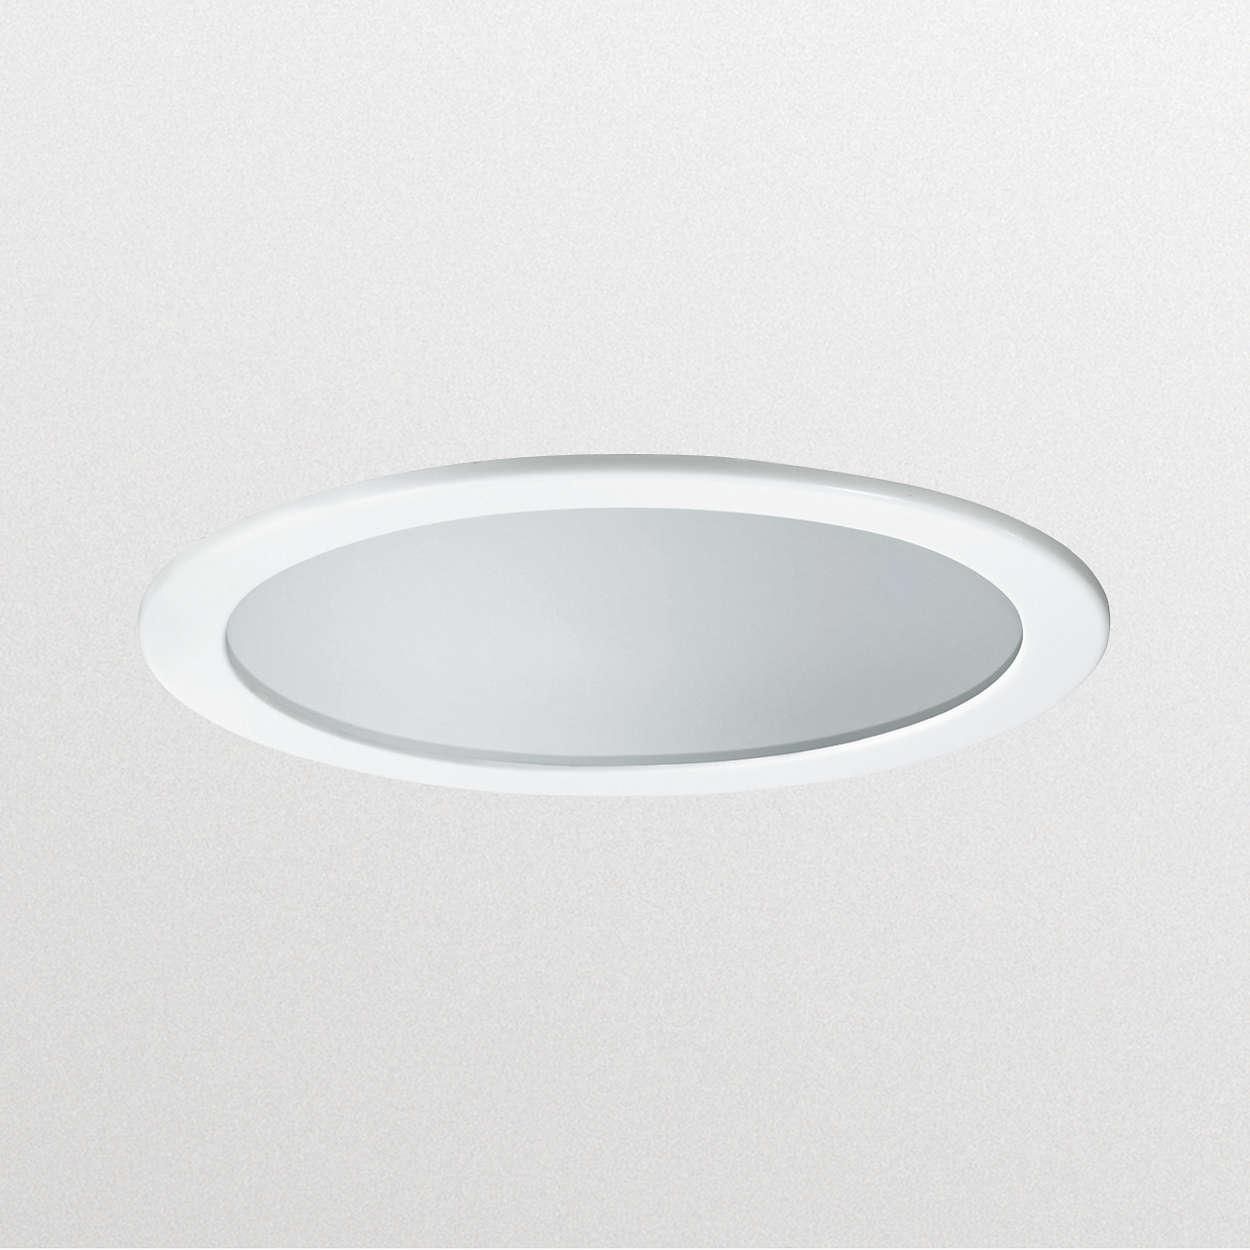 Europa 2 – üstün tavan ışığı